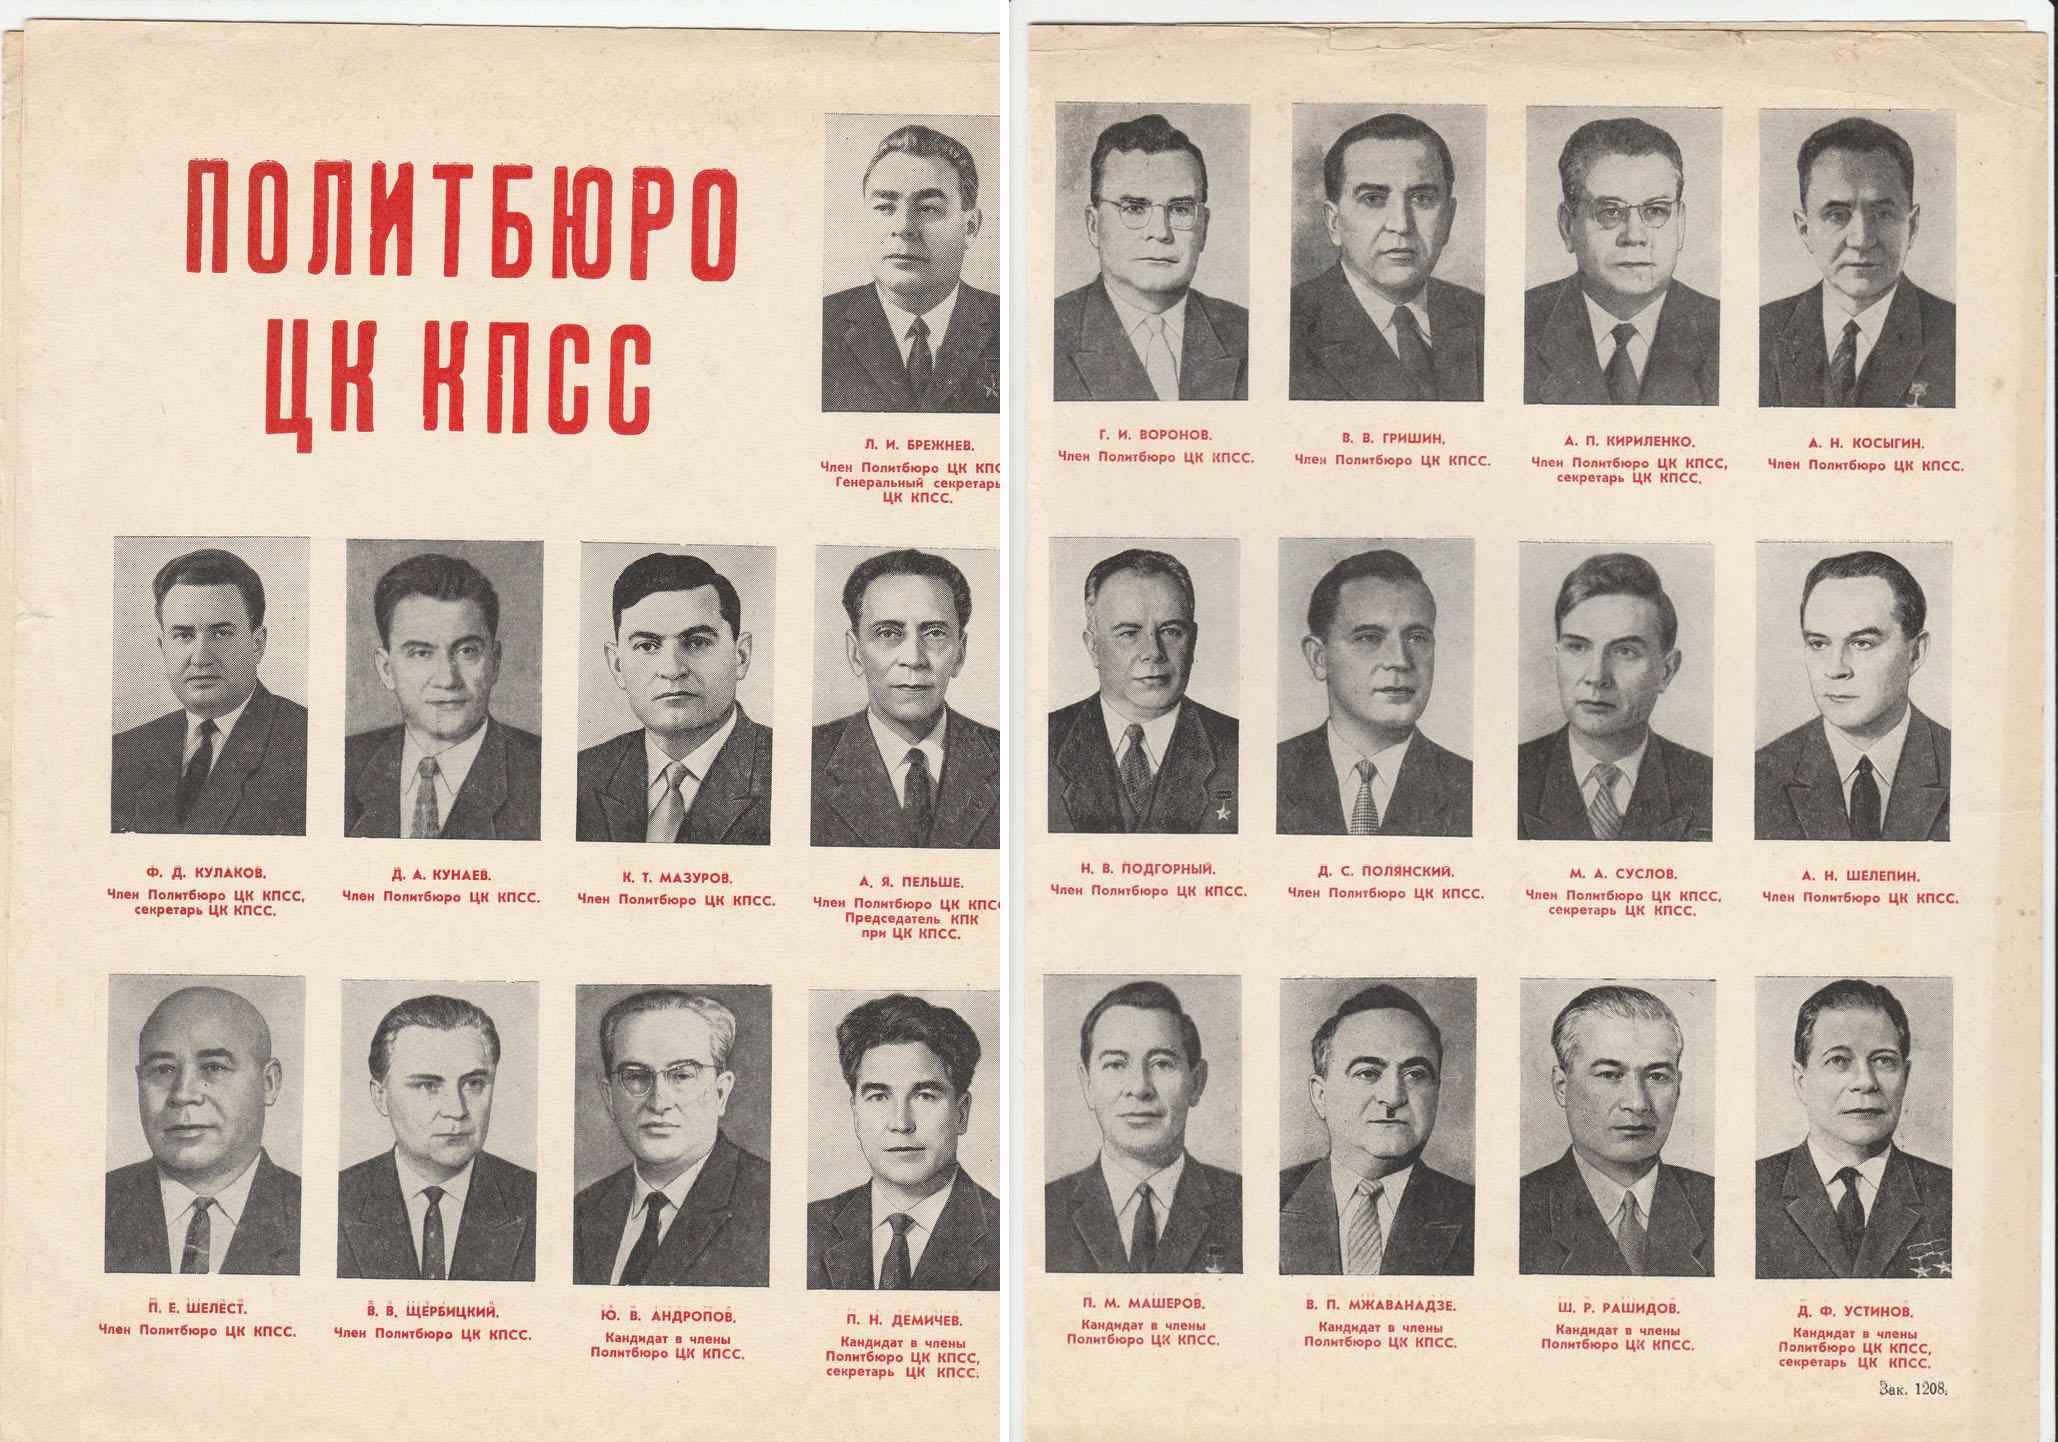 1971. Политбюро ЦК КПСС